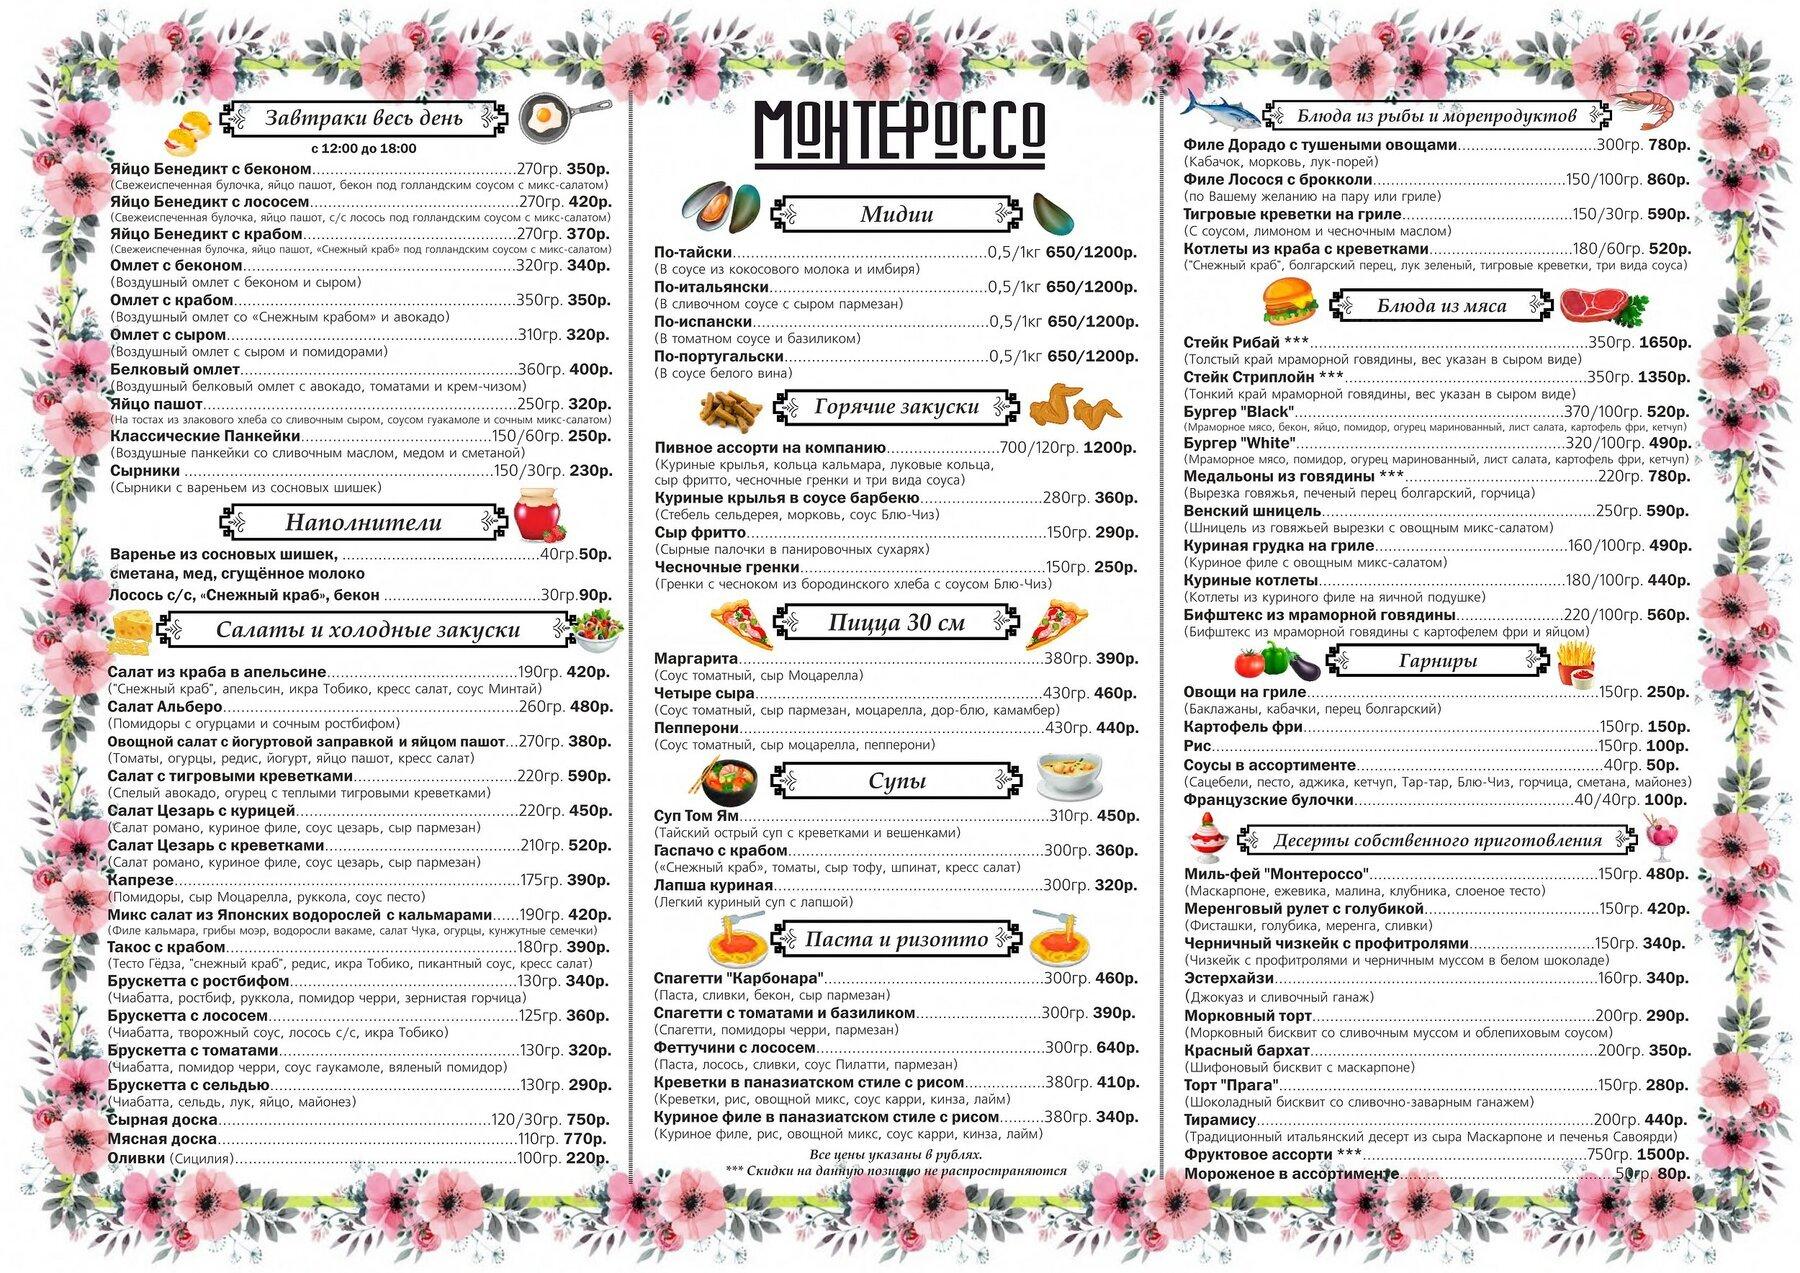 Меню кафе Монтероссо (Monterosso) на Таганской площади фото 1